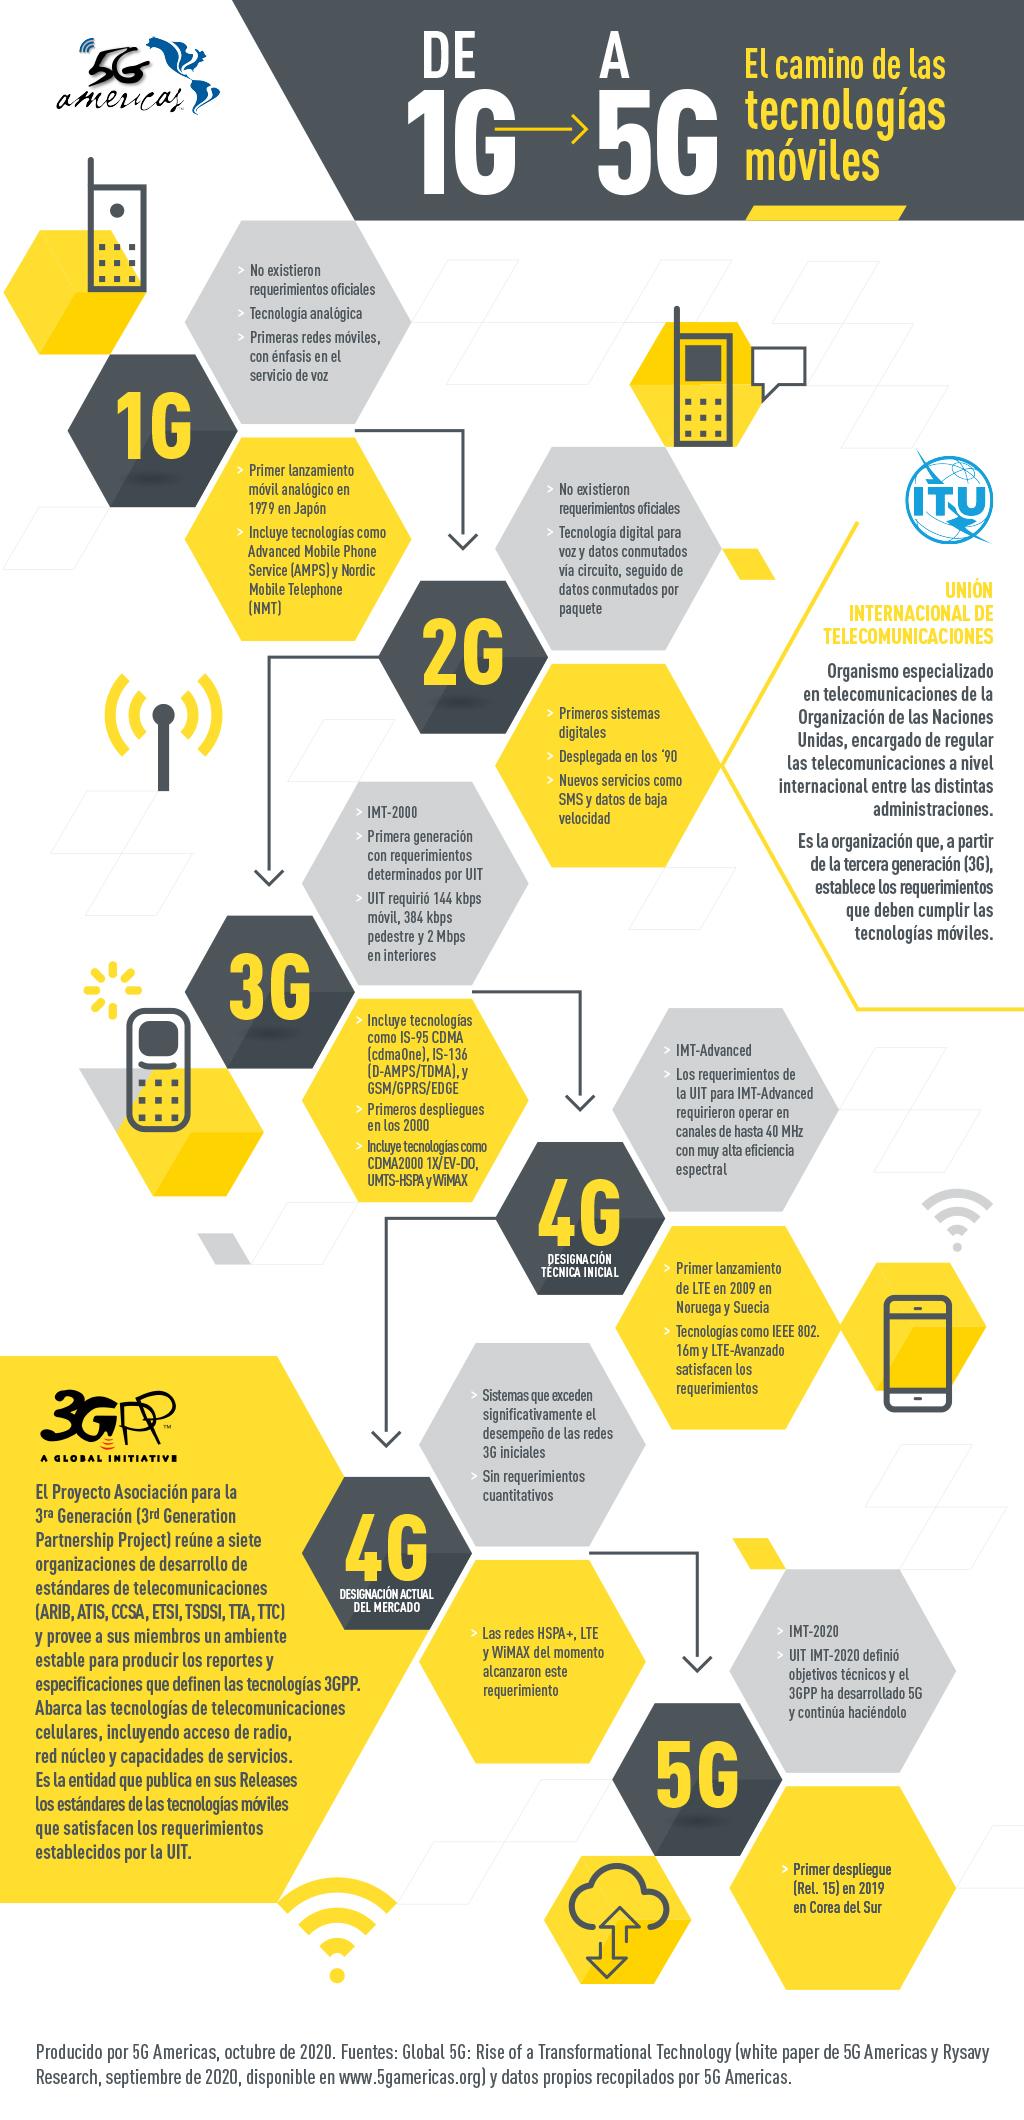 De 1G a 5G: la historia de las generaciones celulares